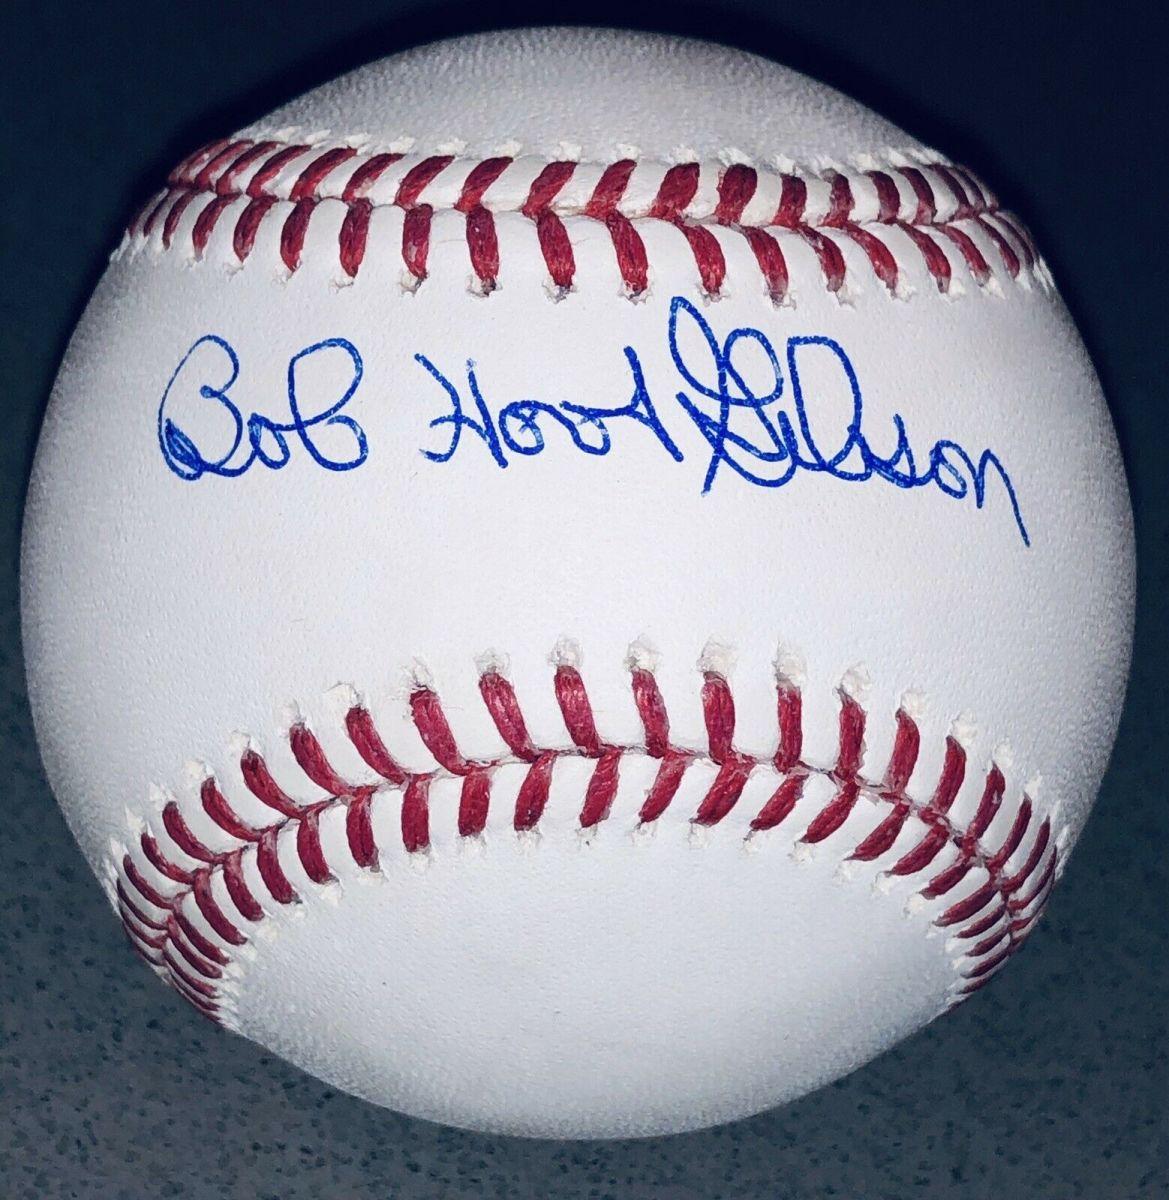 6—oa-signed-bob-gibson-ball